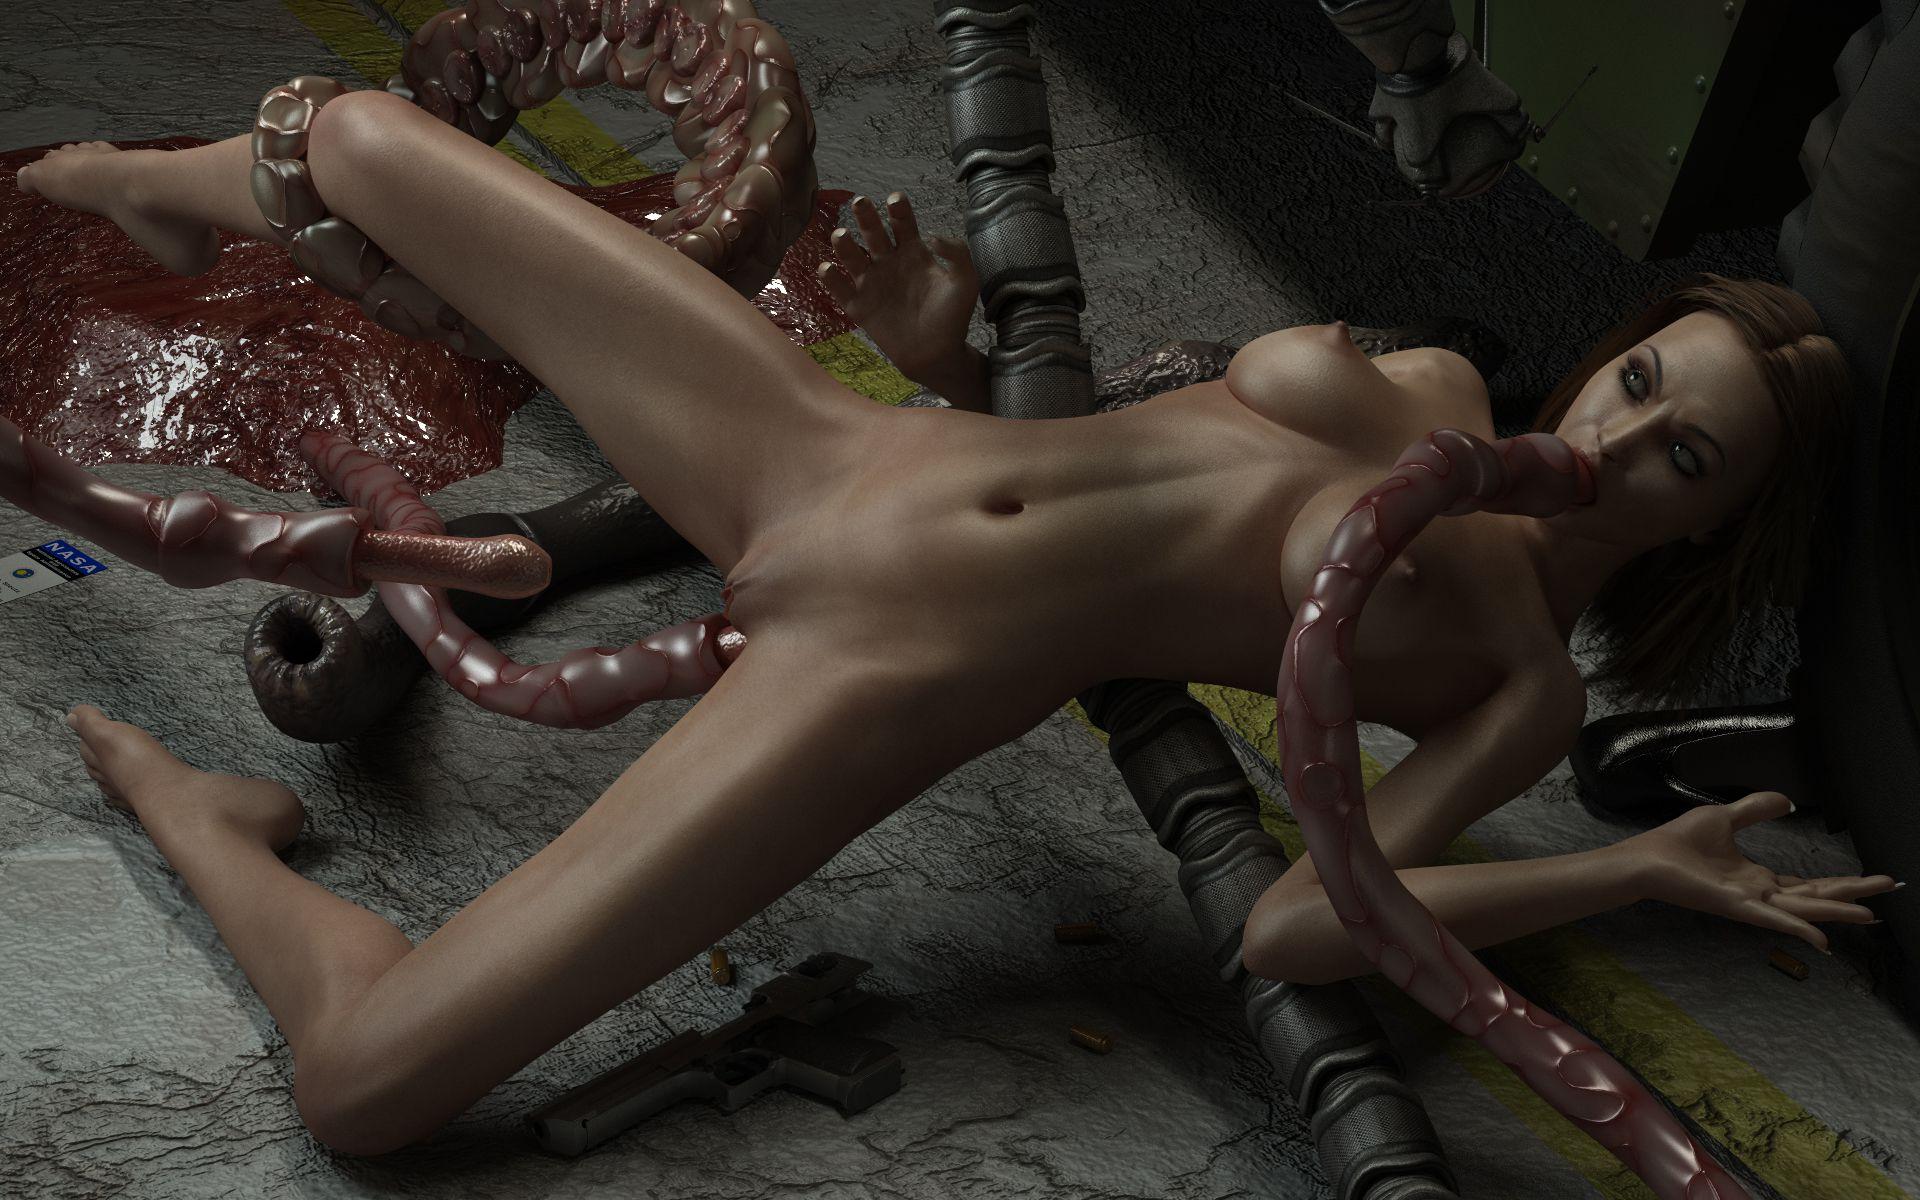 Порно фото с дьяволом из мултфильма 4 фотография